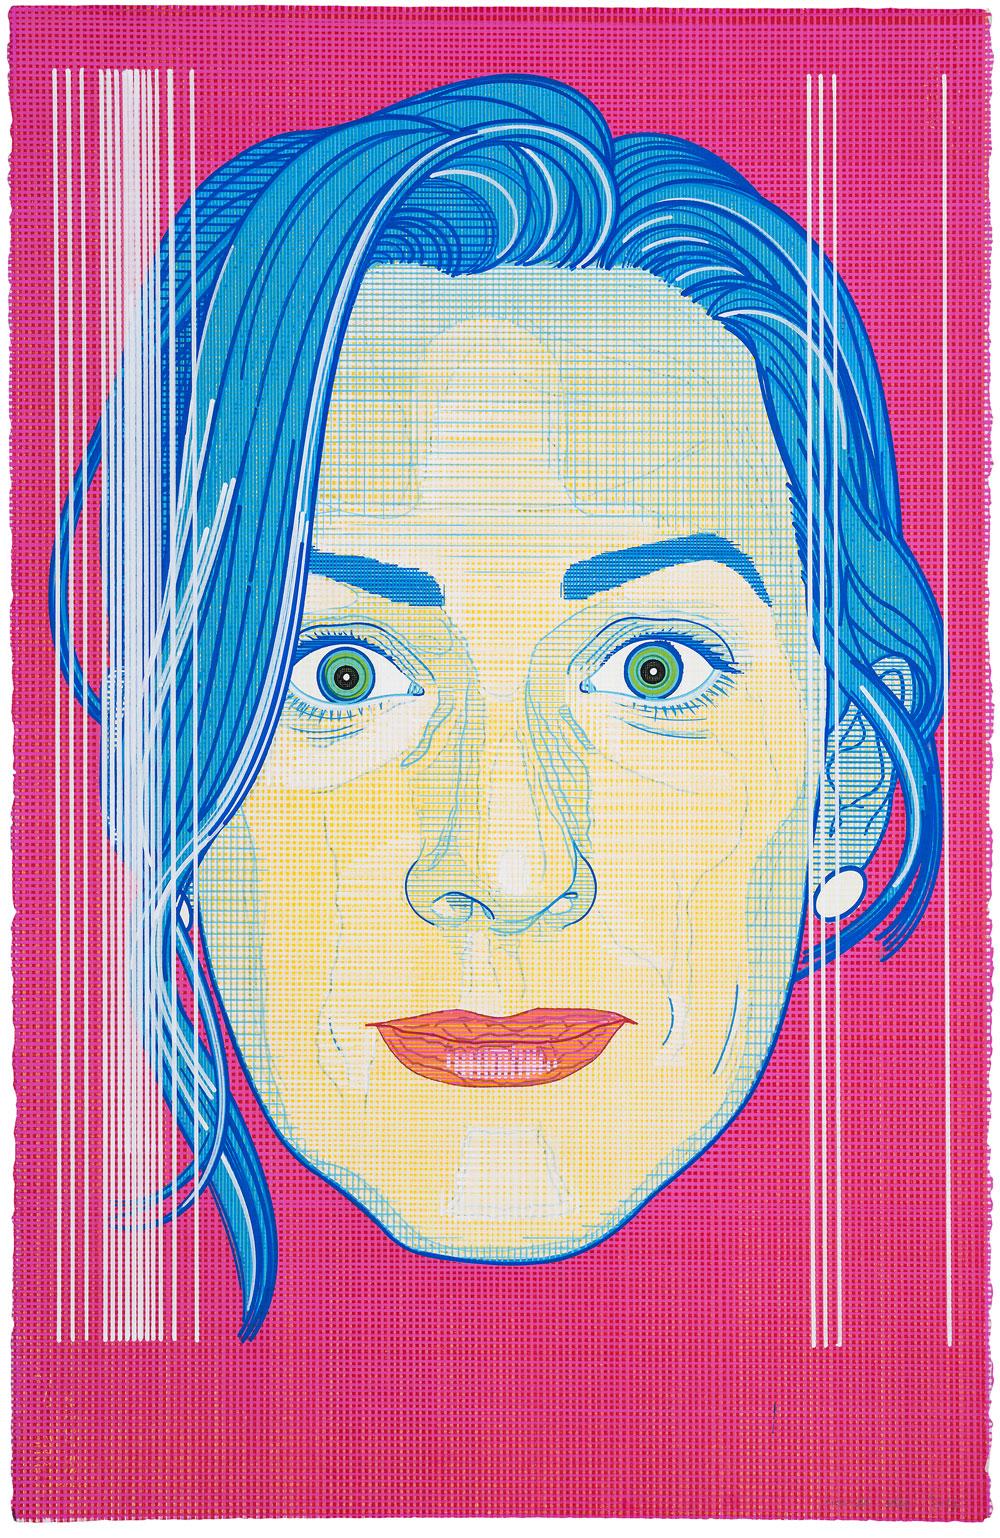 Anatomía de la influencia (3), 2017. Acuarela y témpera sobre papel. 102 x 66 cm